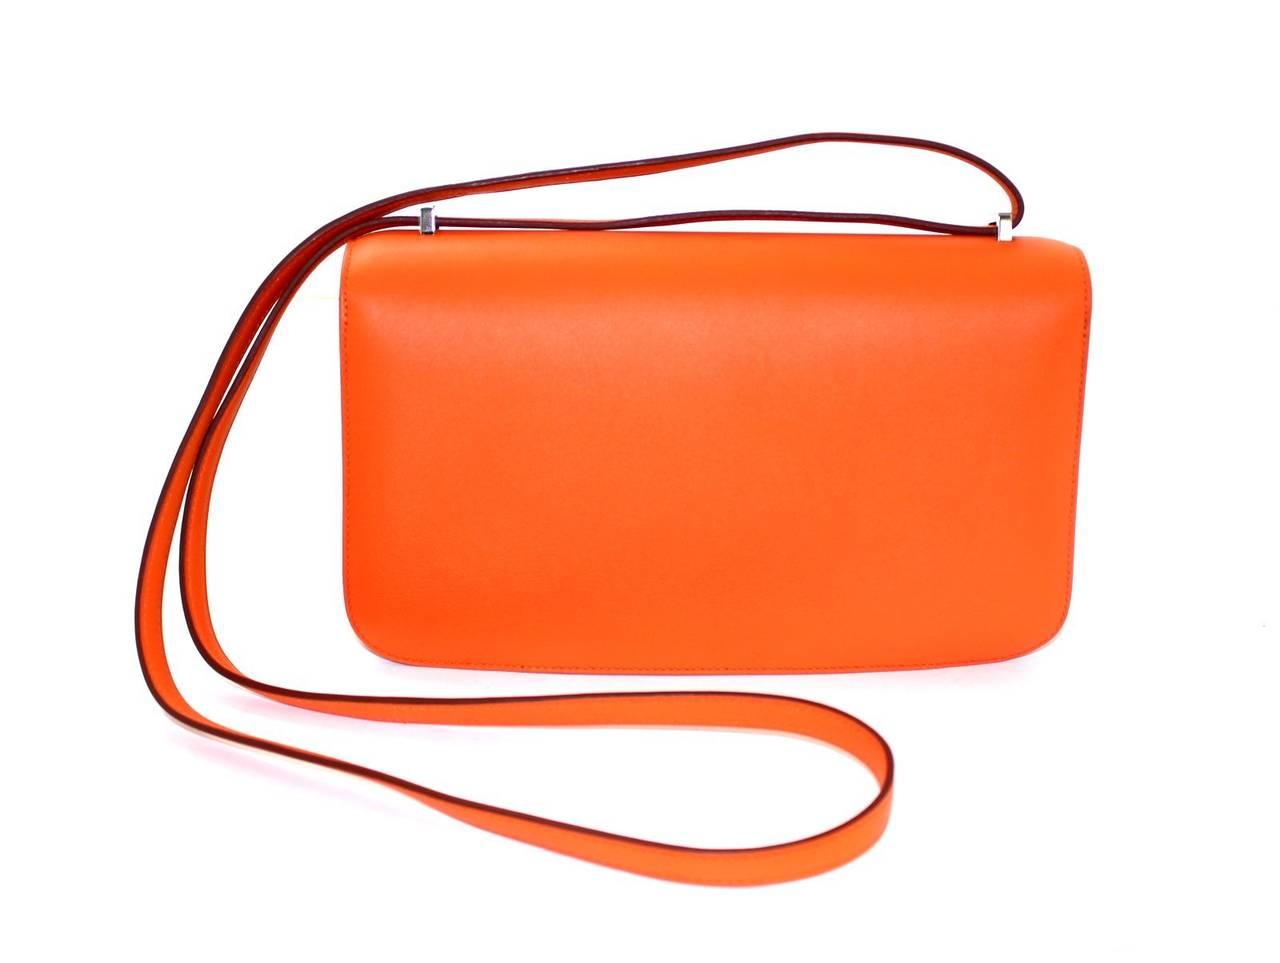 hermes mens wallet - Herm��s Orange Swift Leather Constance Elan CrossBody Shoulder Bag ...